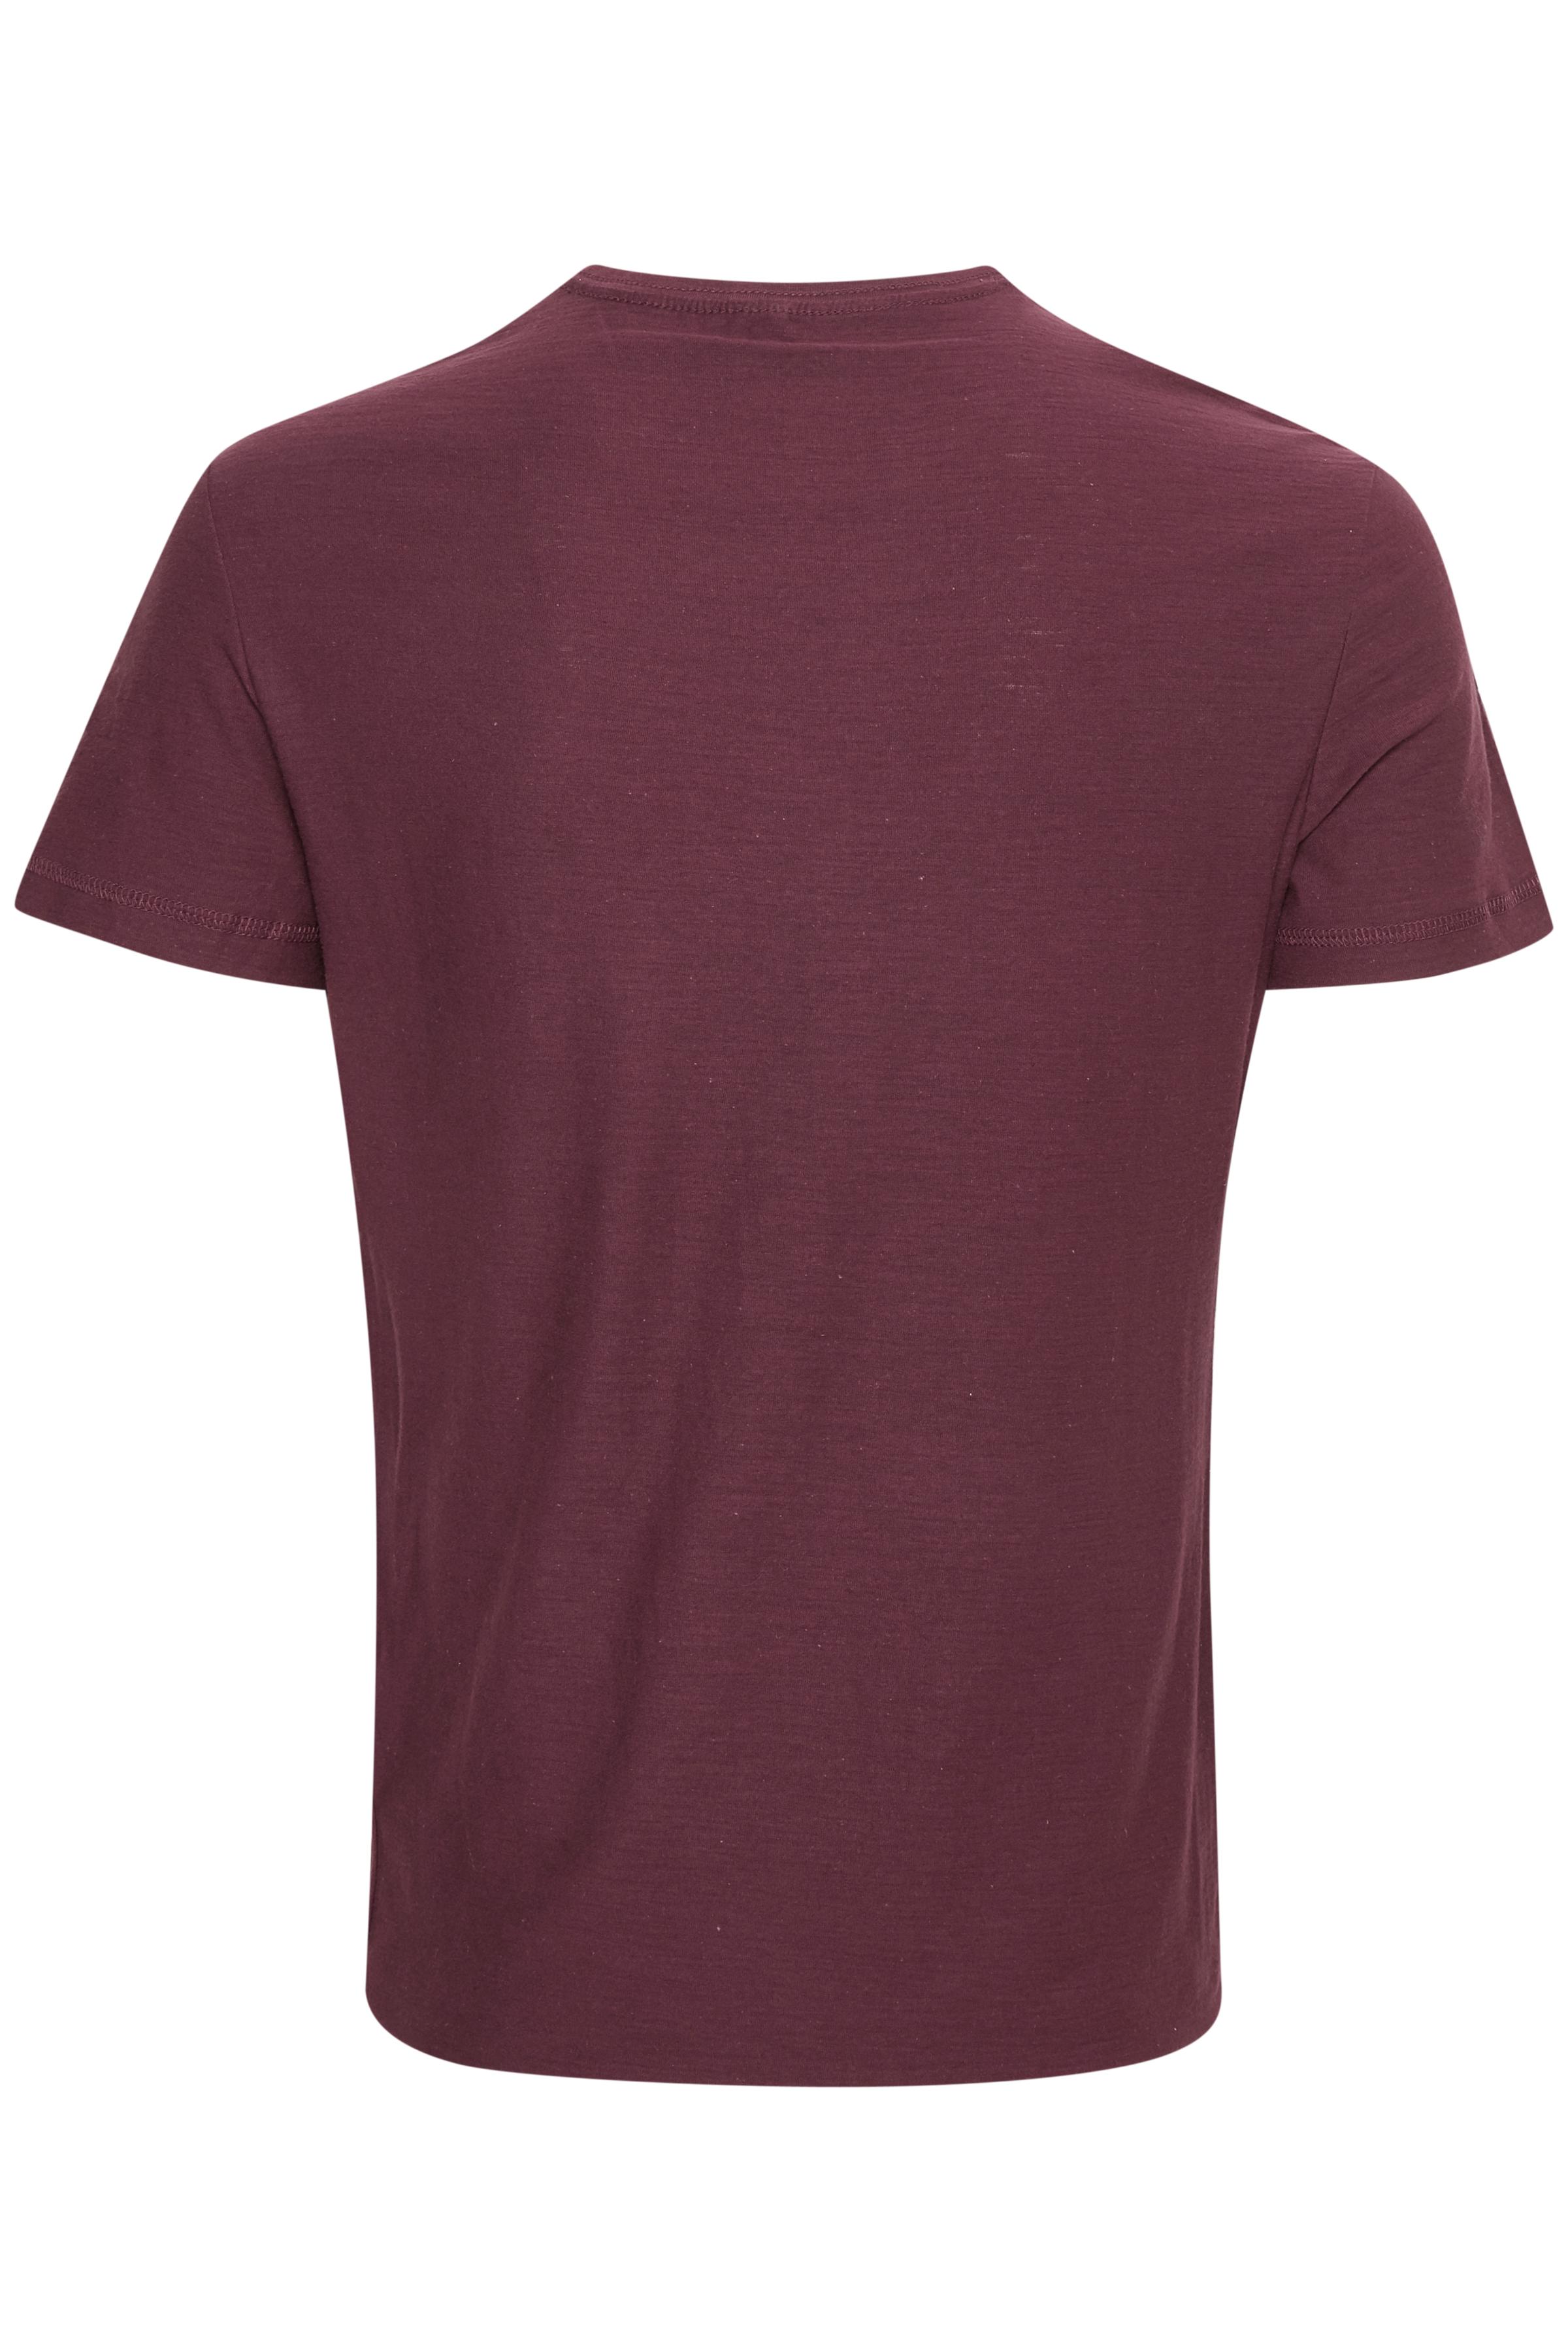 Wine red T-shirt – Køb Wine red T-shirt fra str. S-XXL her